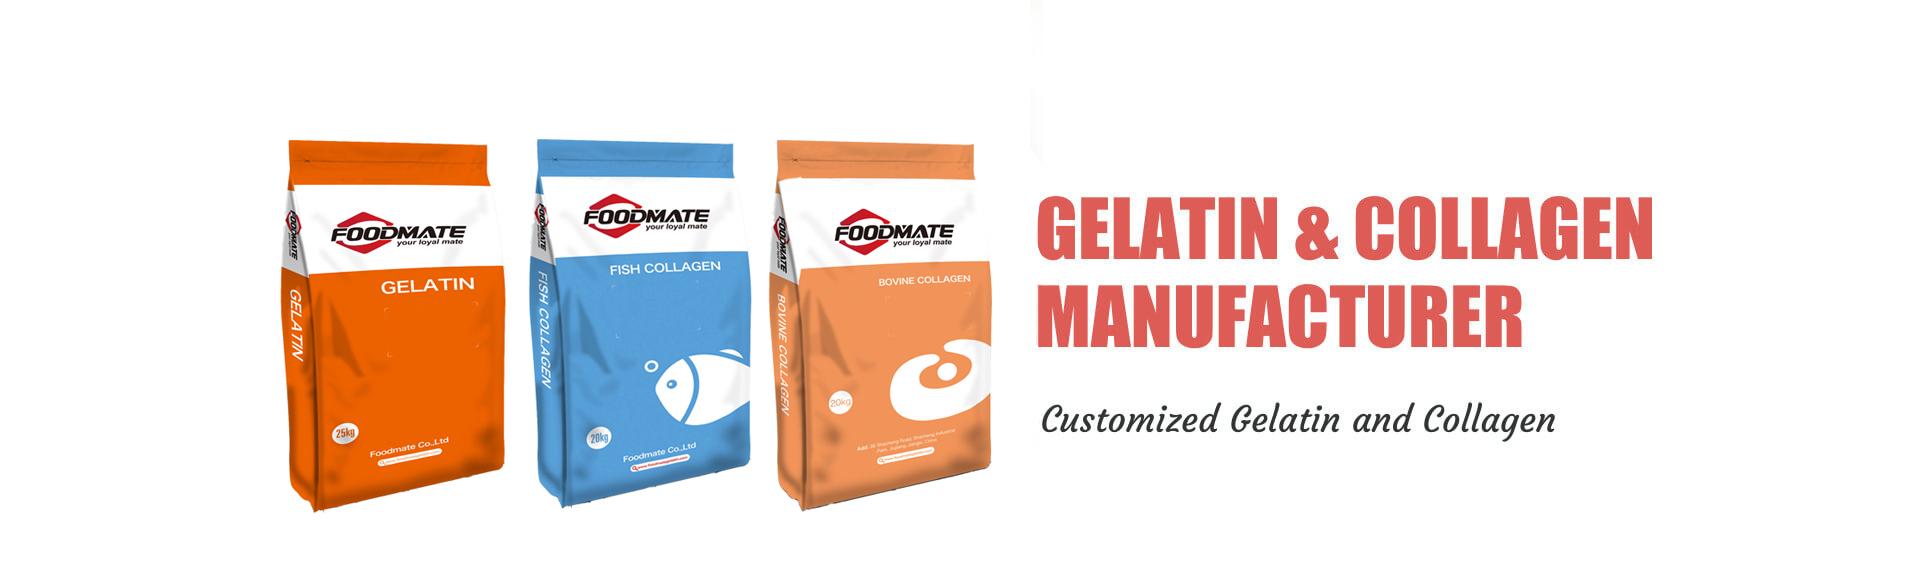 Gelatin & Collagen manufacturer